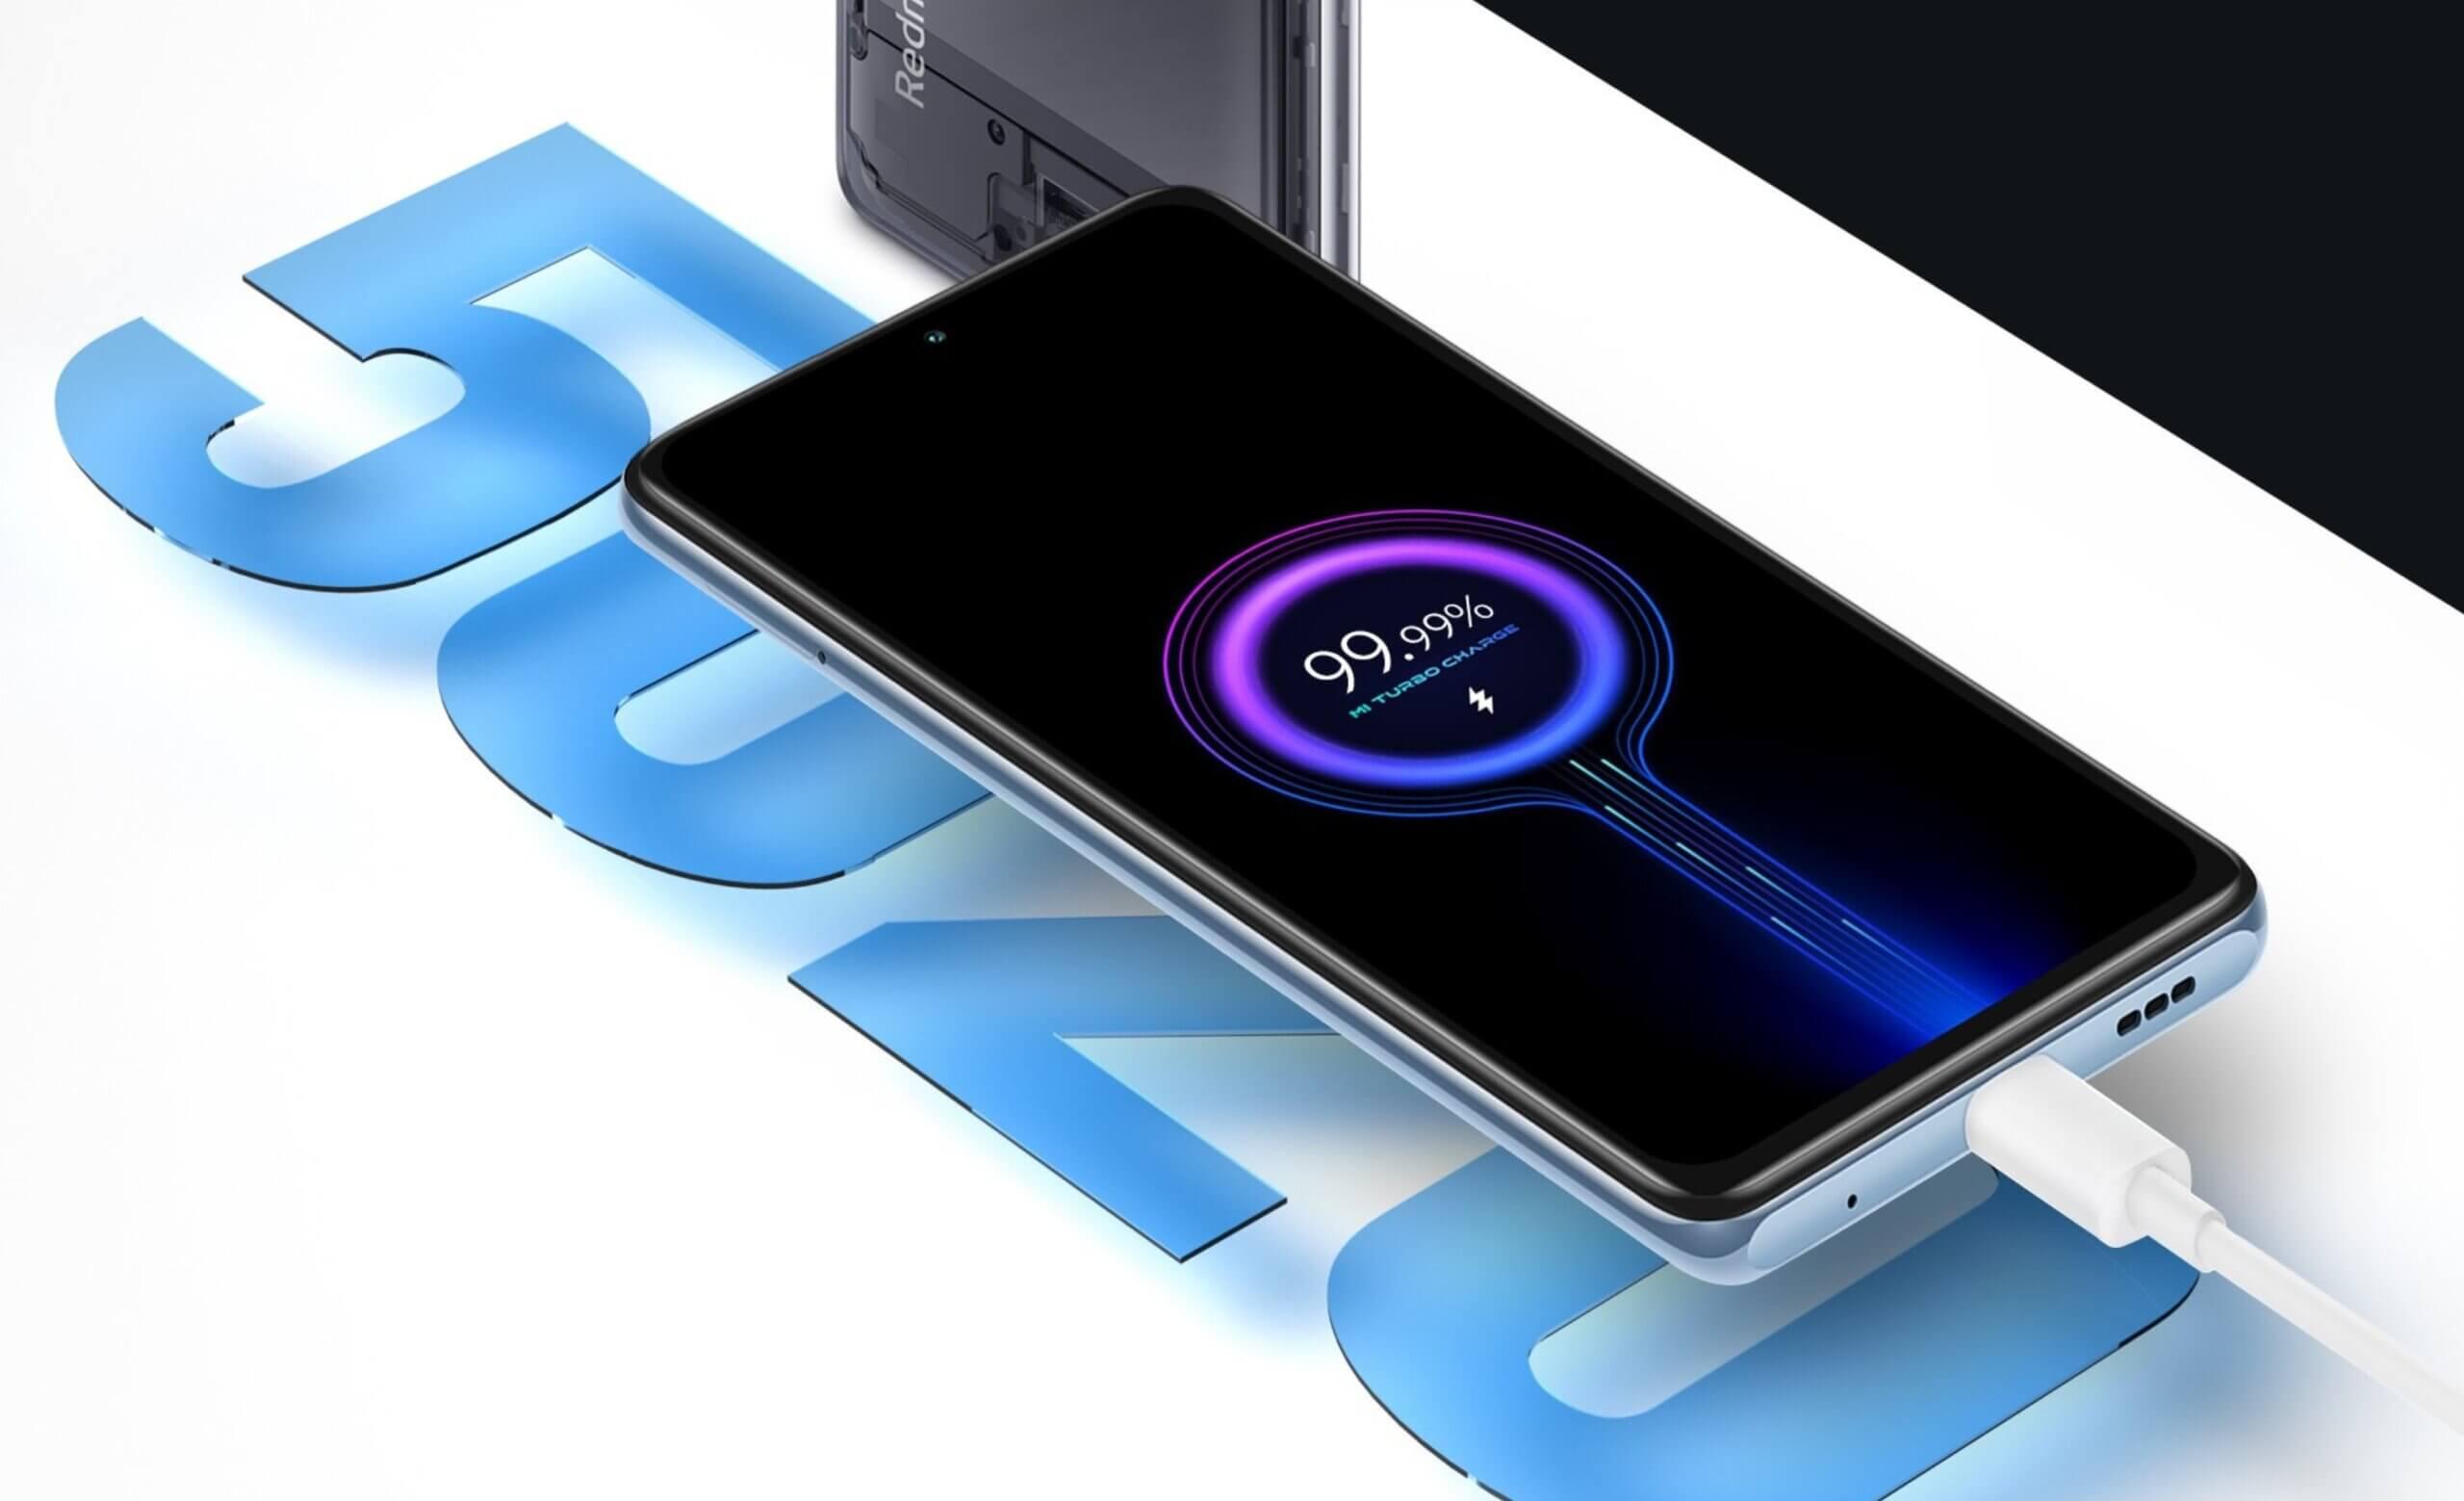 Xiaomi Redmi Note 10 Proは5020mAhの大容量電池搭載。最大充電速度は33W